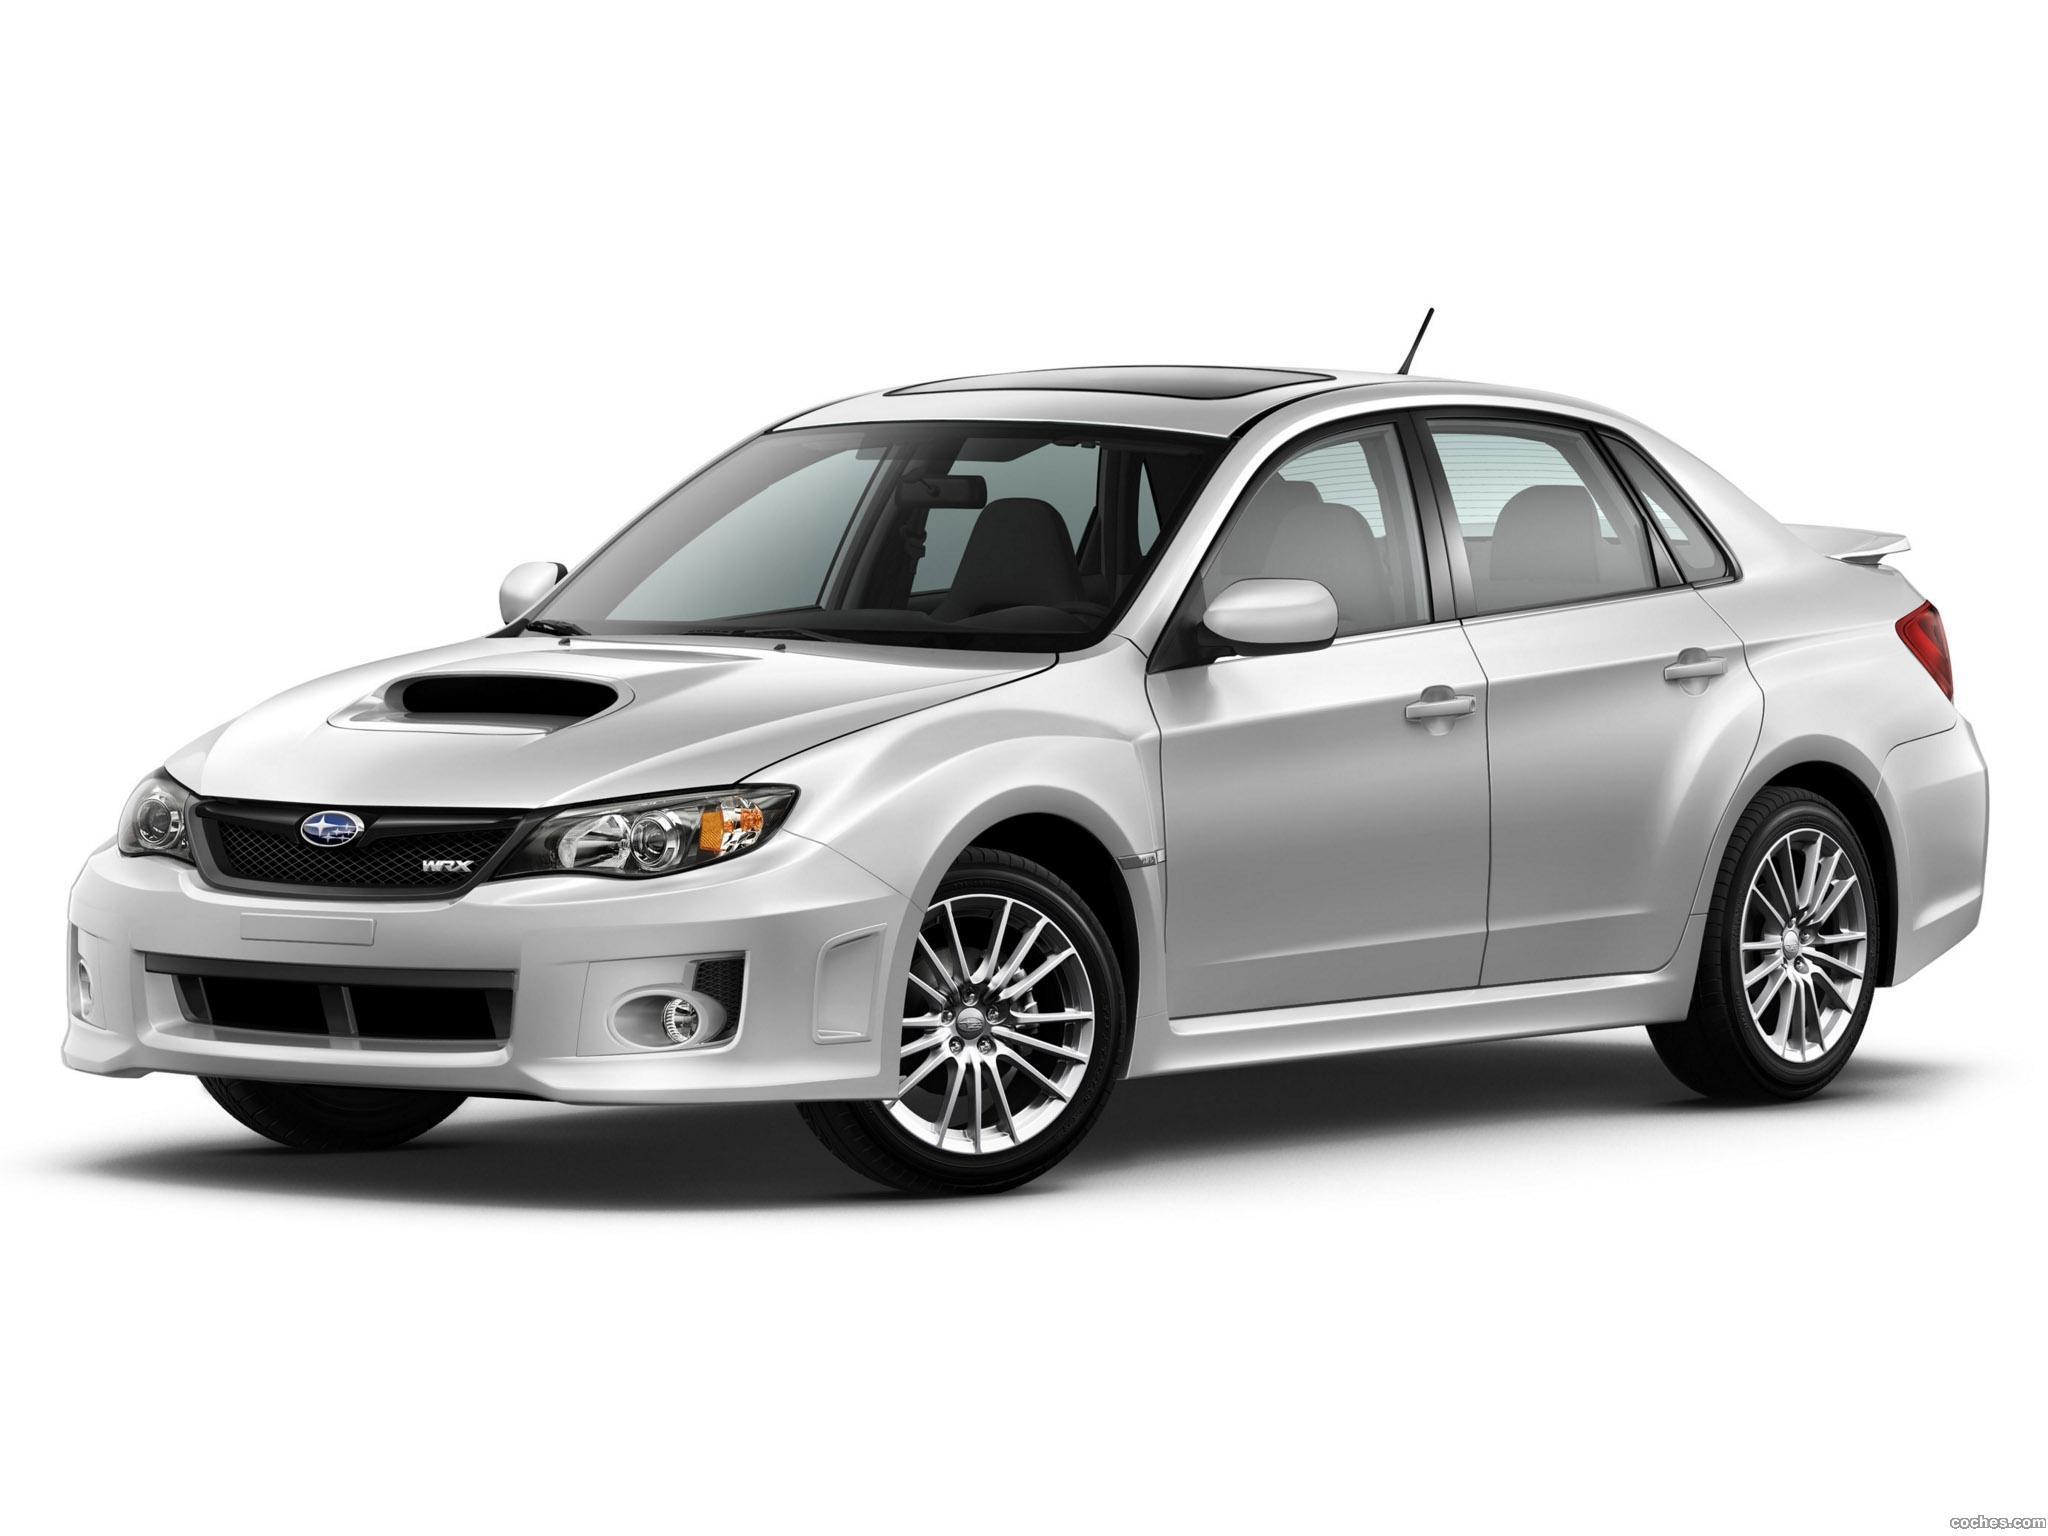 Foto 0 de Subaru Impreza WRX Sedan USA 2010